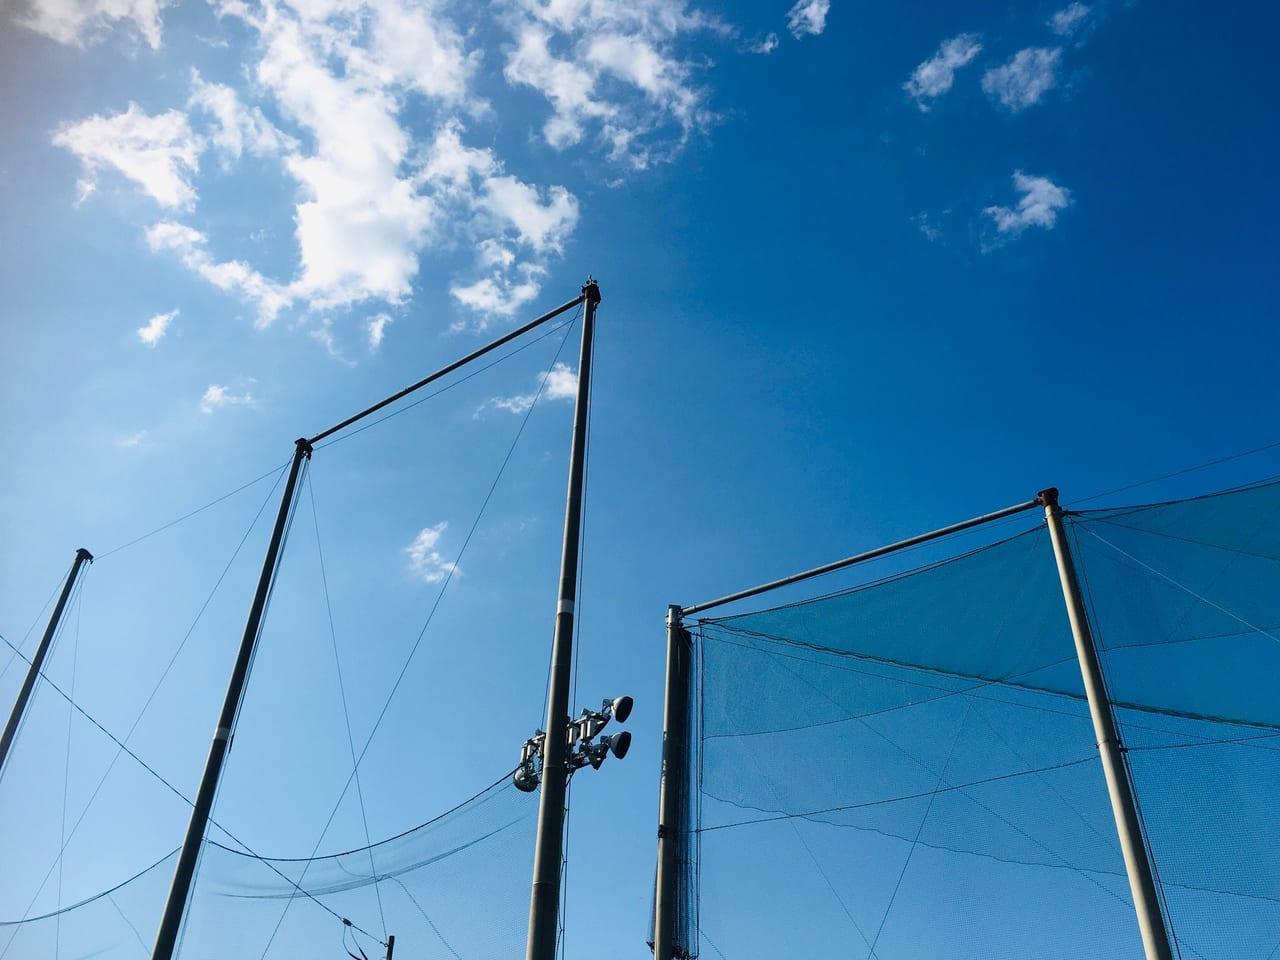 高校 三重 野球 テレビ 一般財団法人 三重県高等学校野球連盟